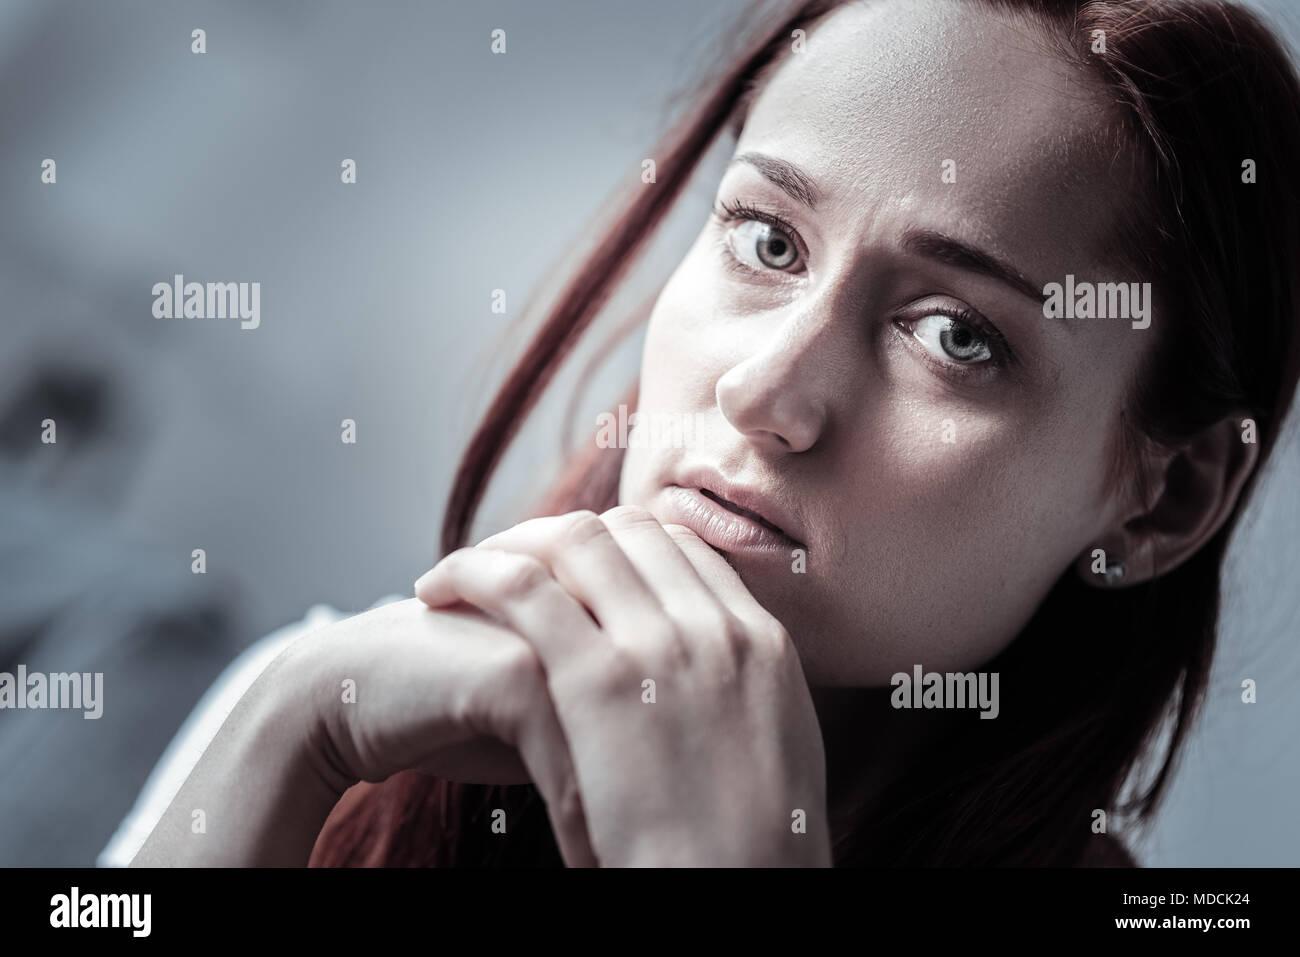 Mujer dolorosa lastimeras sumergiendo en la depresión Imagen De Stock